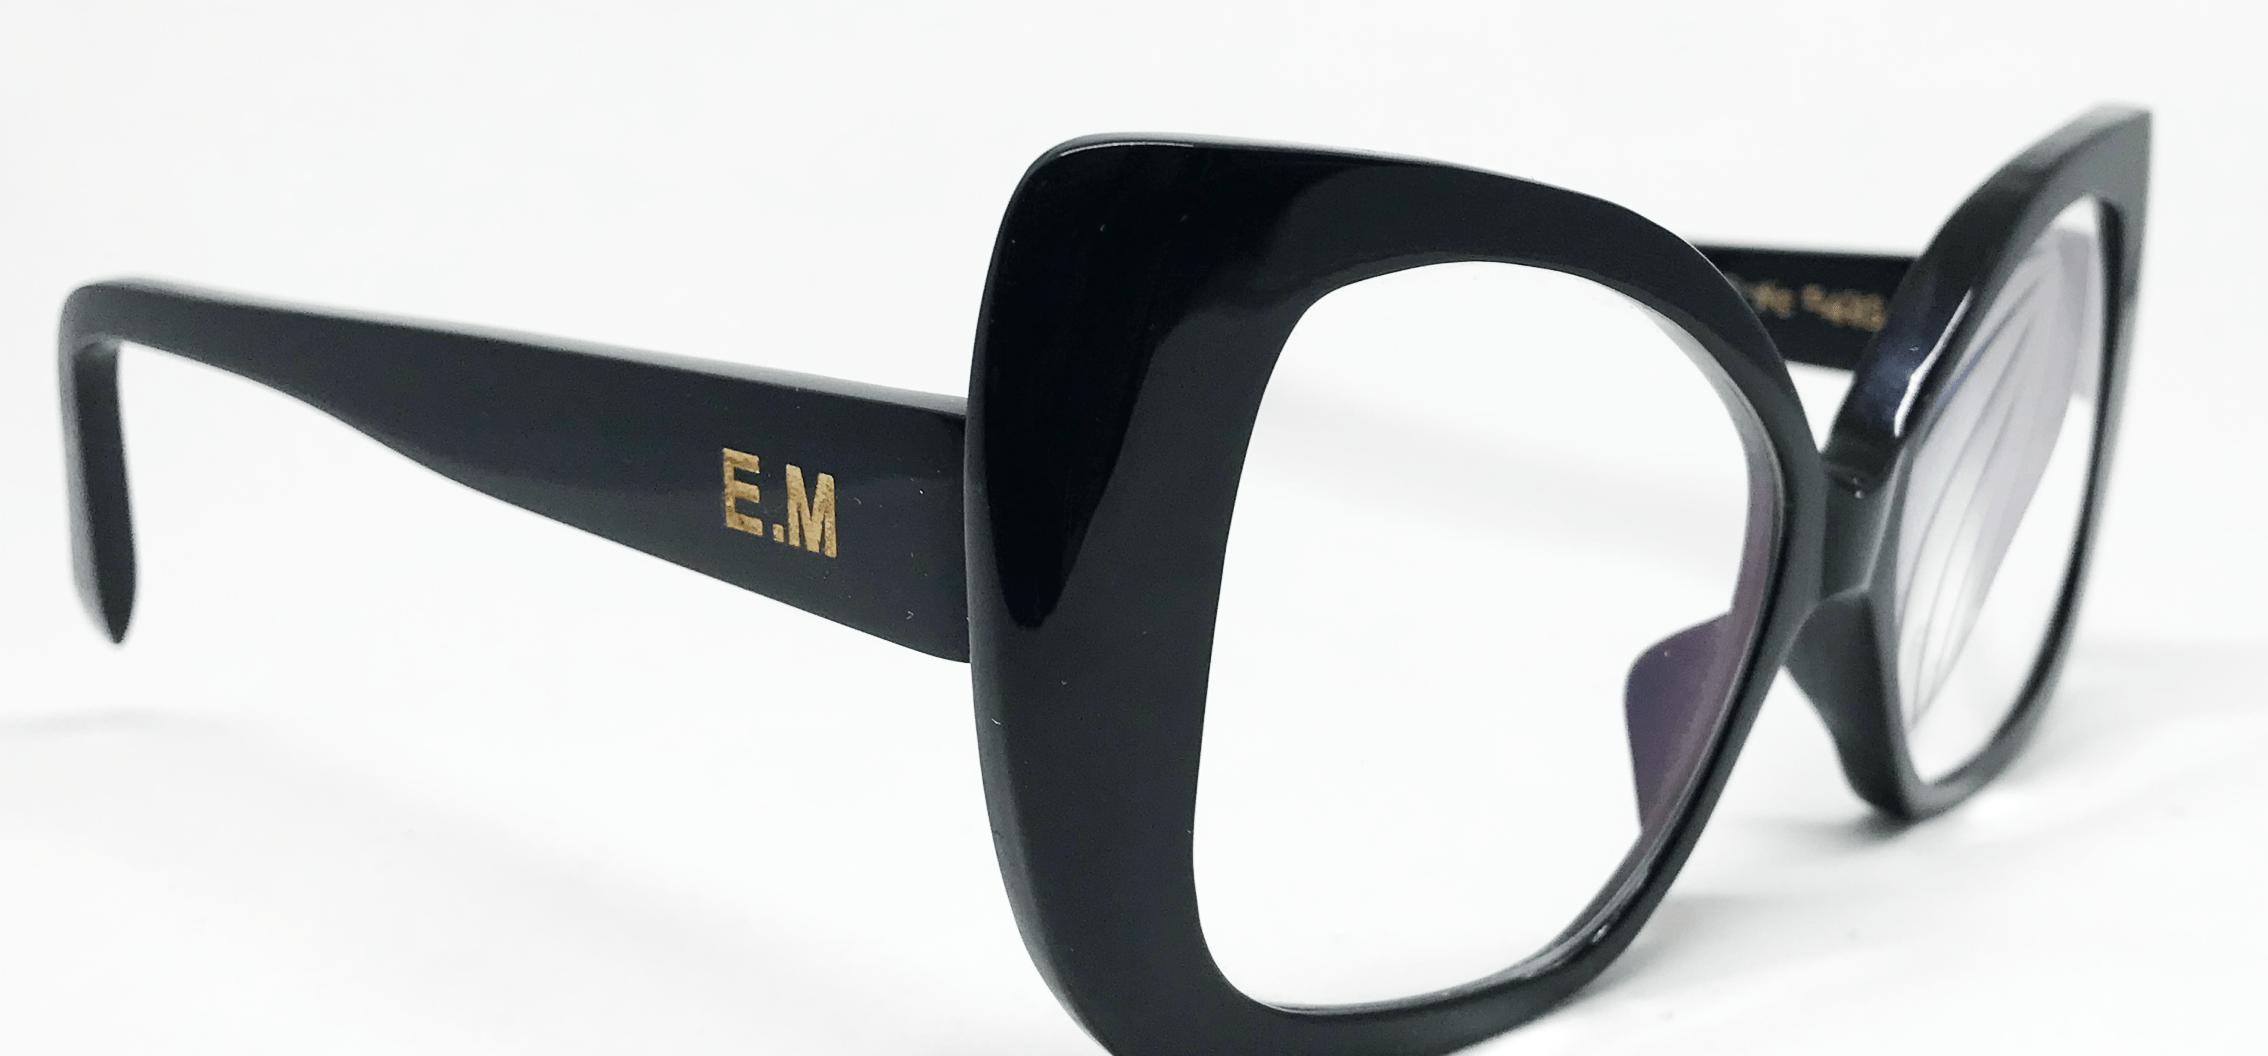 branche de lunettes gravée